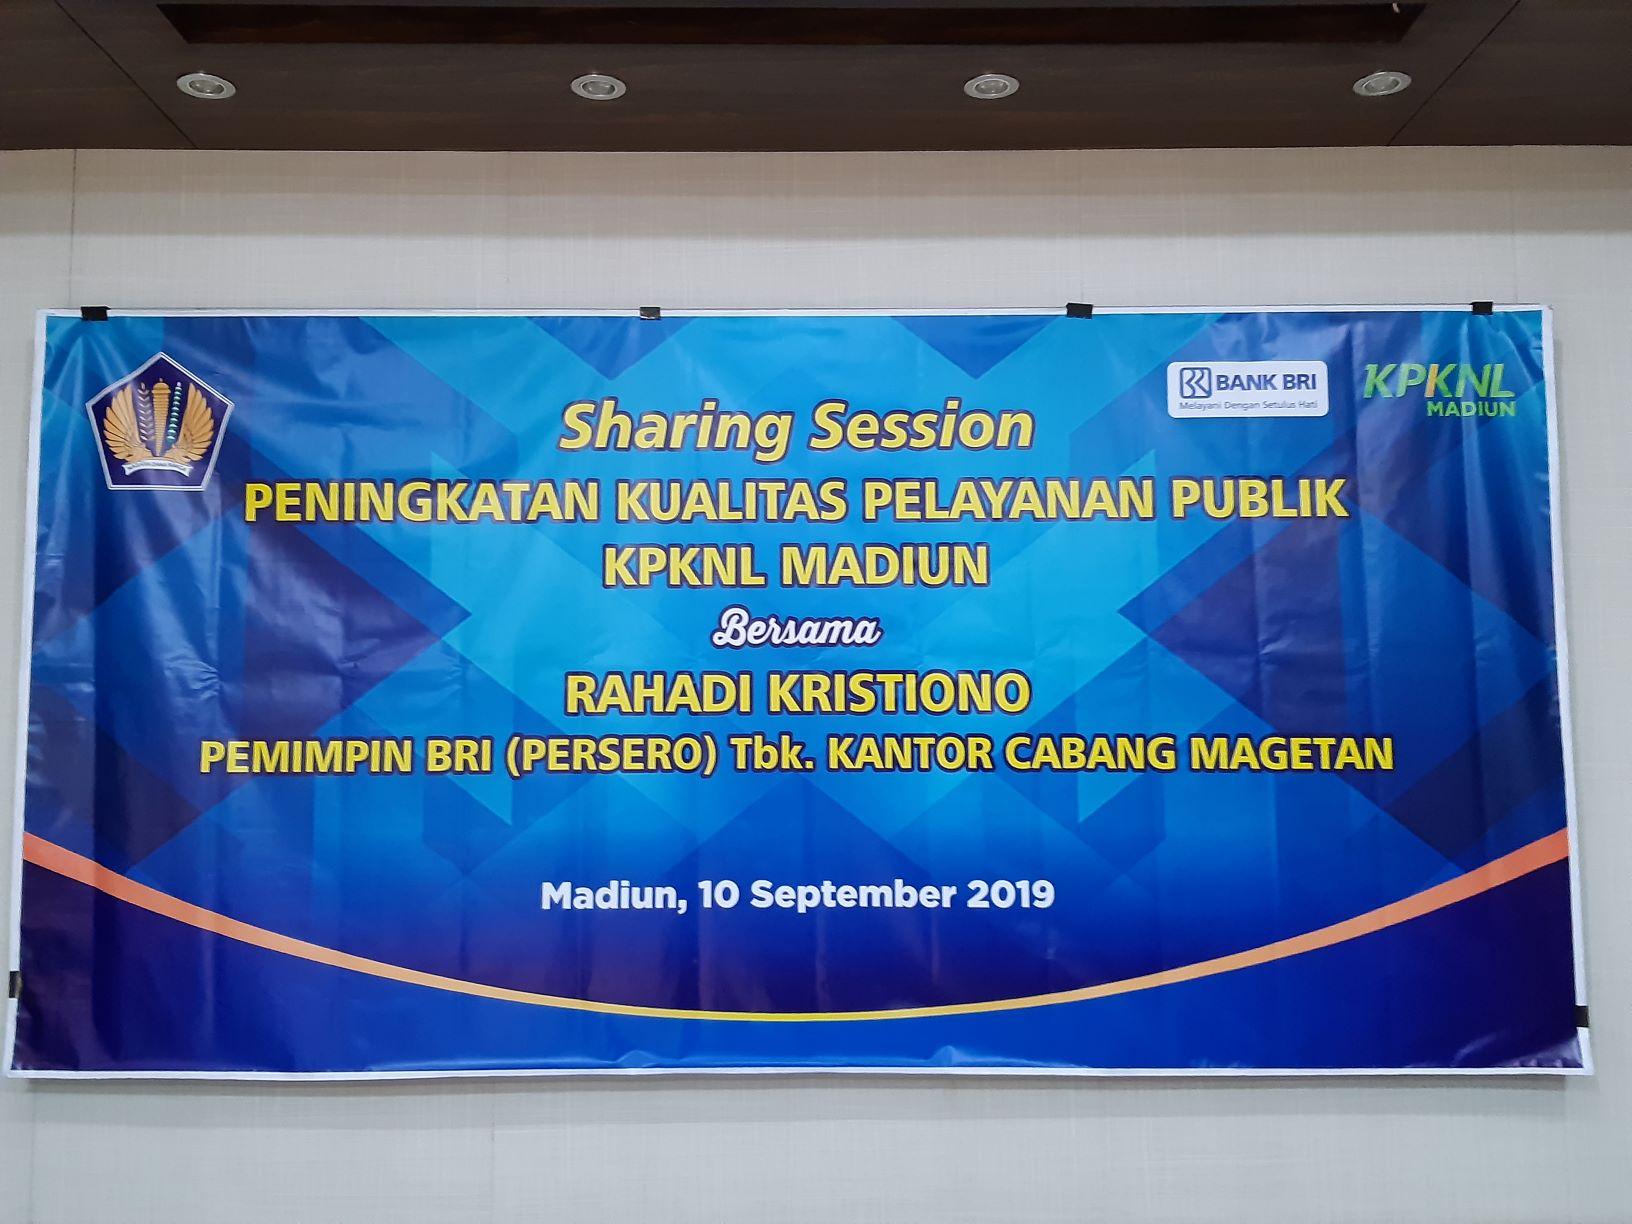 Sharing Session Peningkatan Kualitas Pelayanan Publik  menuju Pelayanan KPKNL Madiun yang Prima